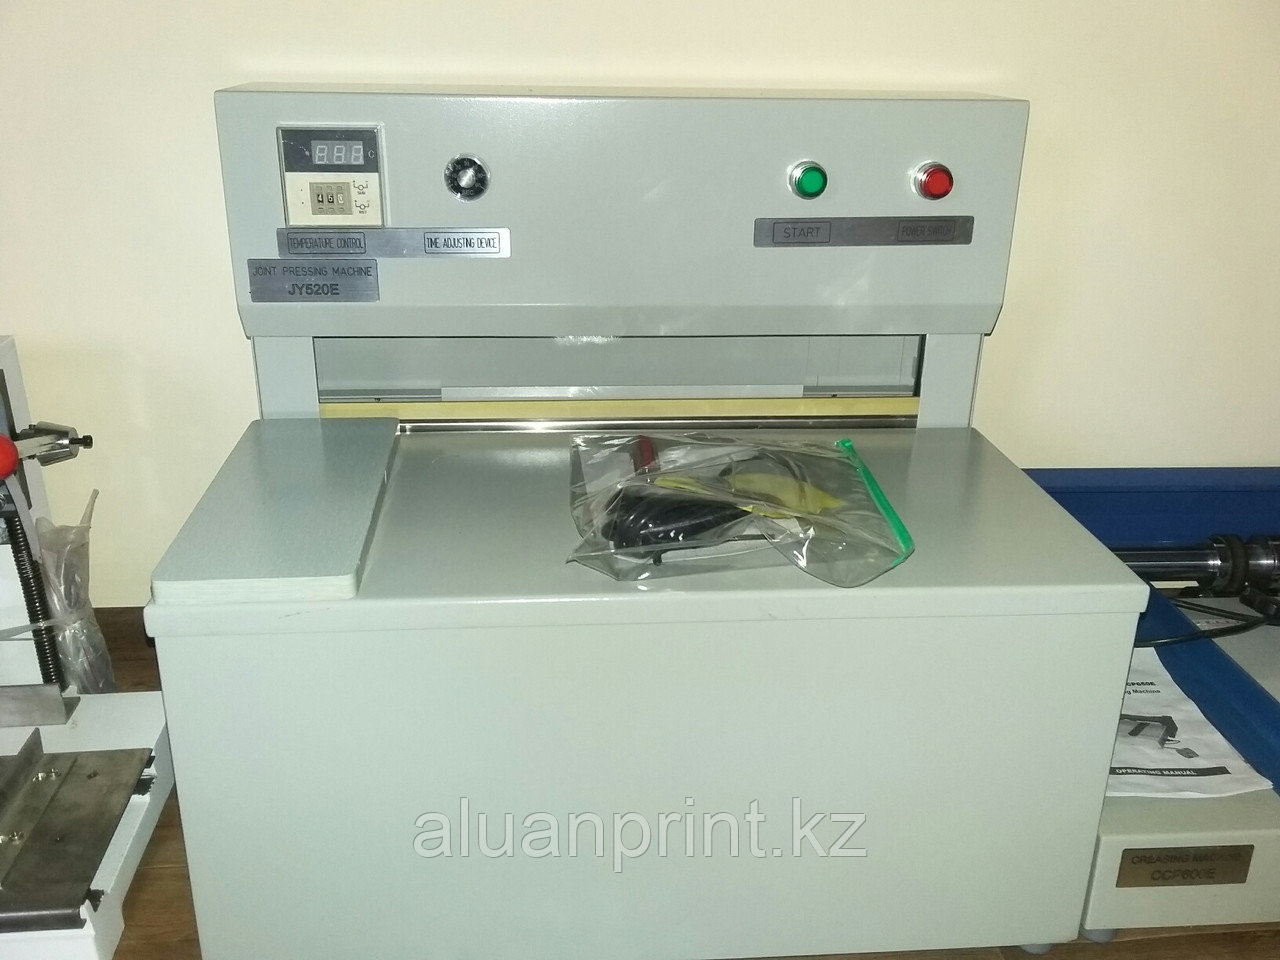 Штриховальная машина  с электрическим приводом JY520E